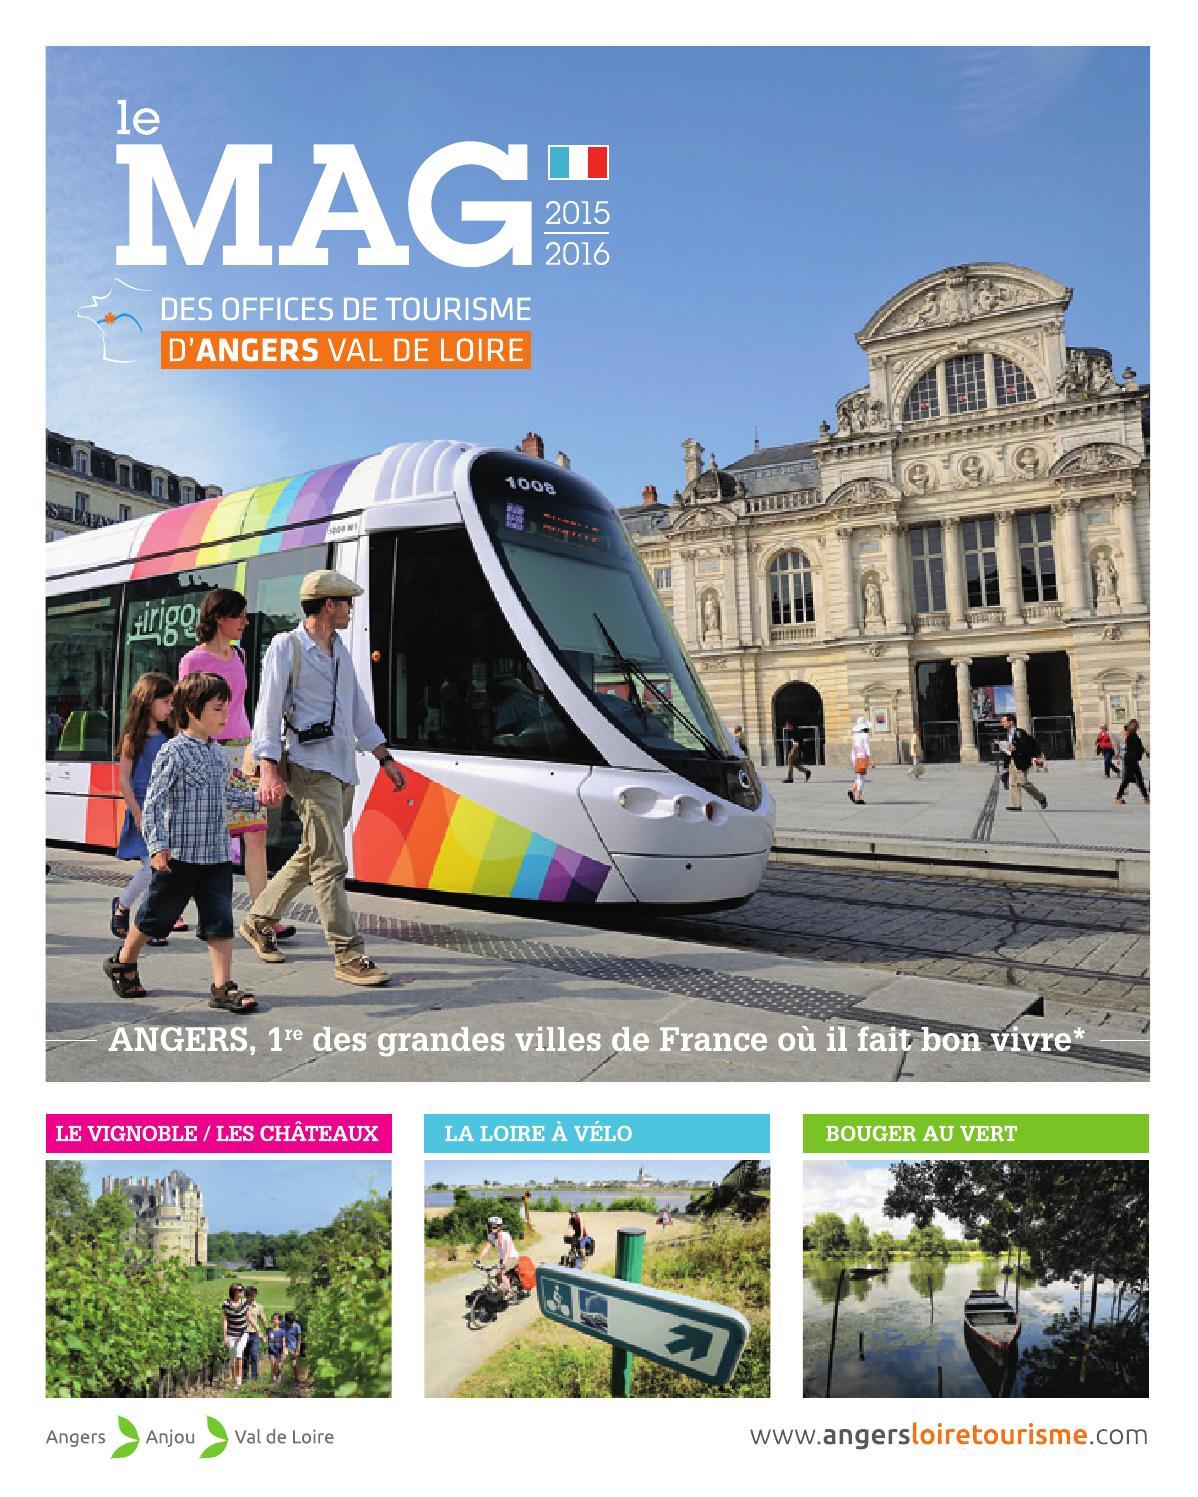 Le mag des offices de tourisme d 39 angers val de loire by angers val de loire issuu - Angers office du tourisme ...